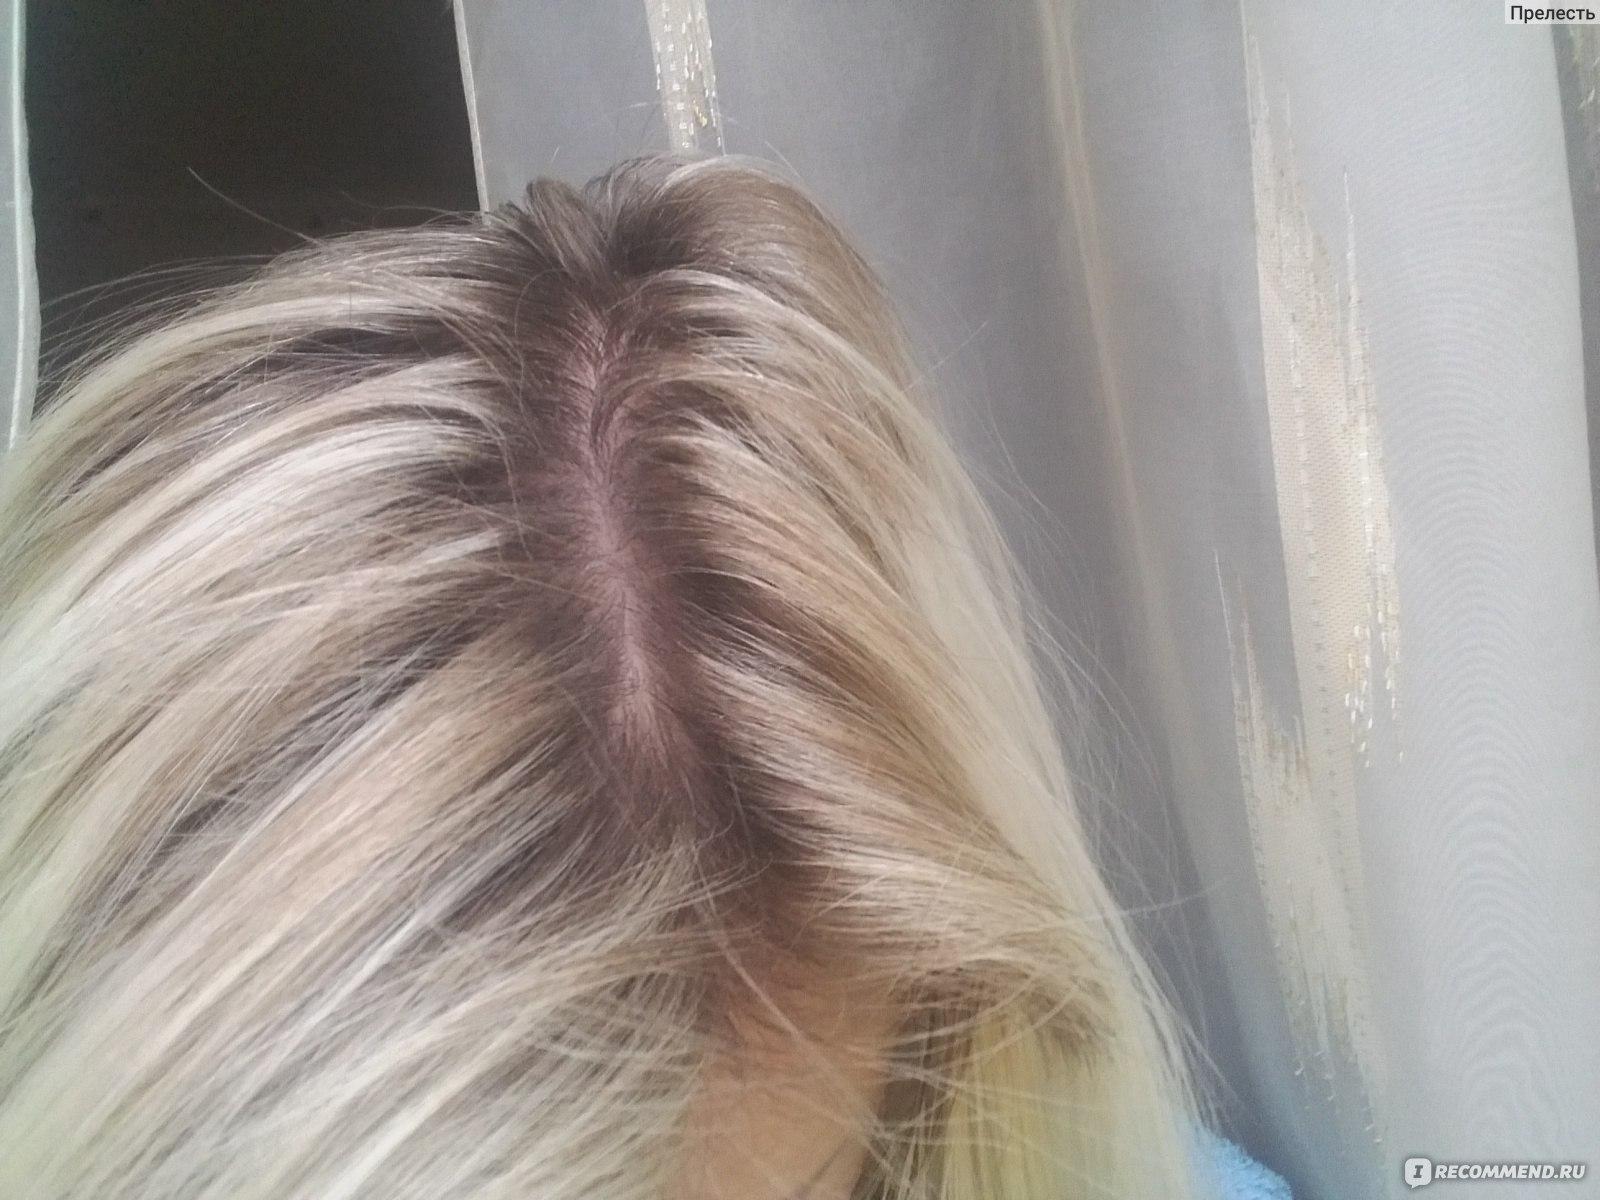 Волосы расчесала